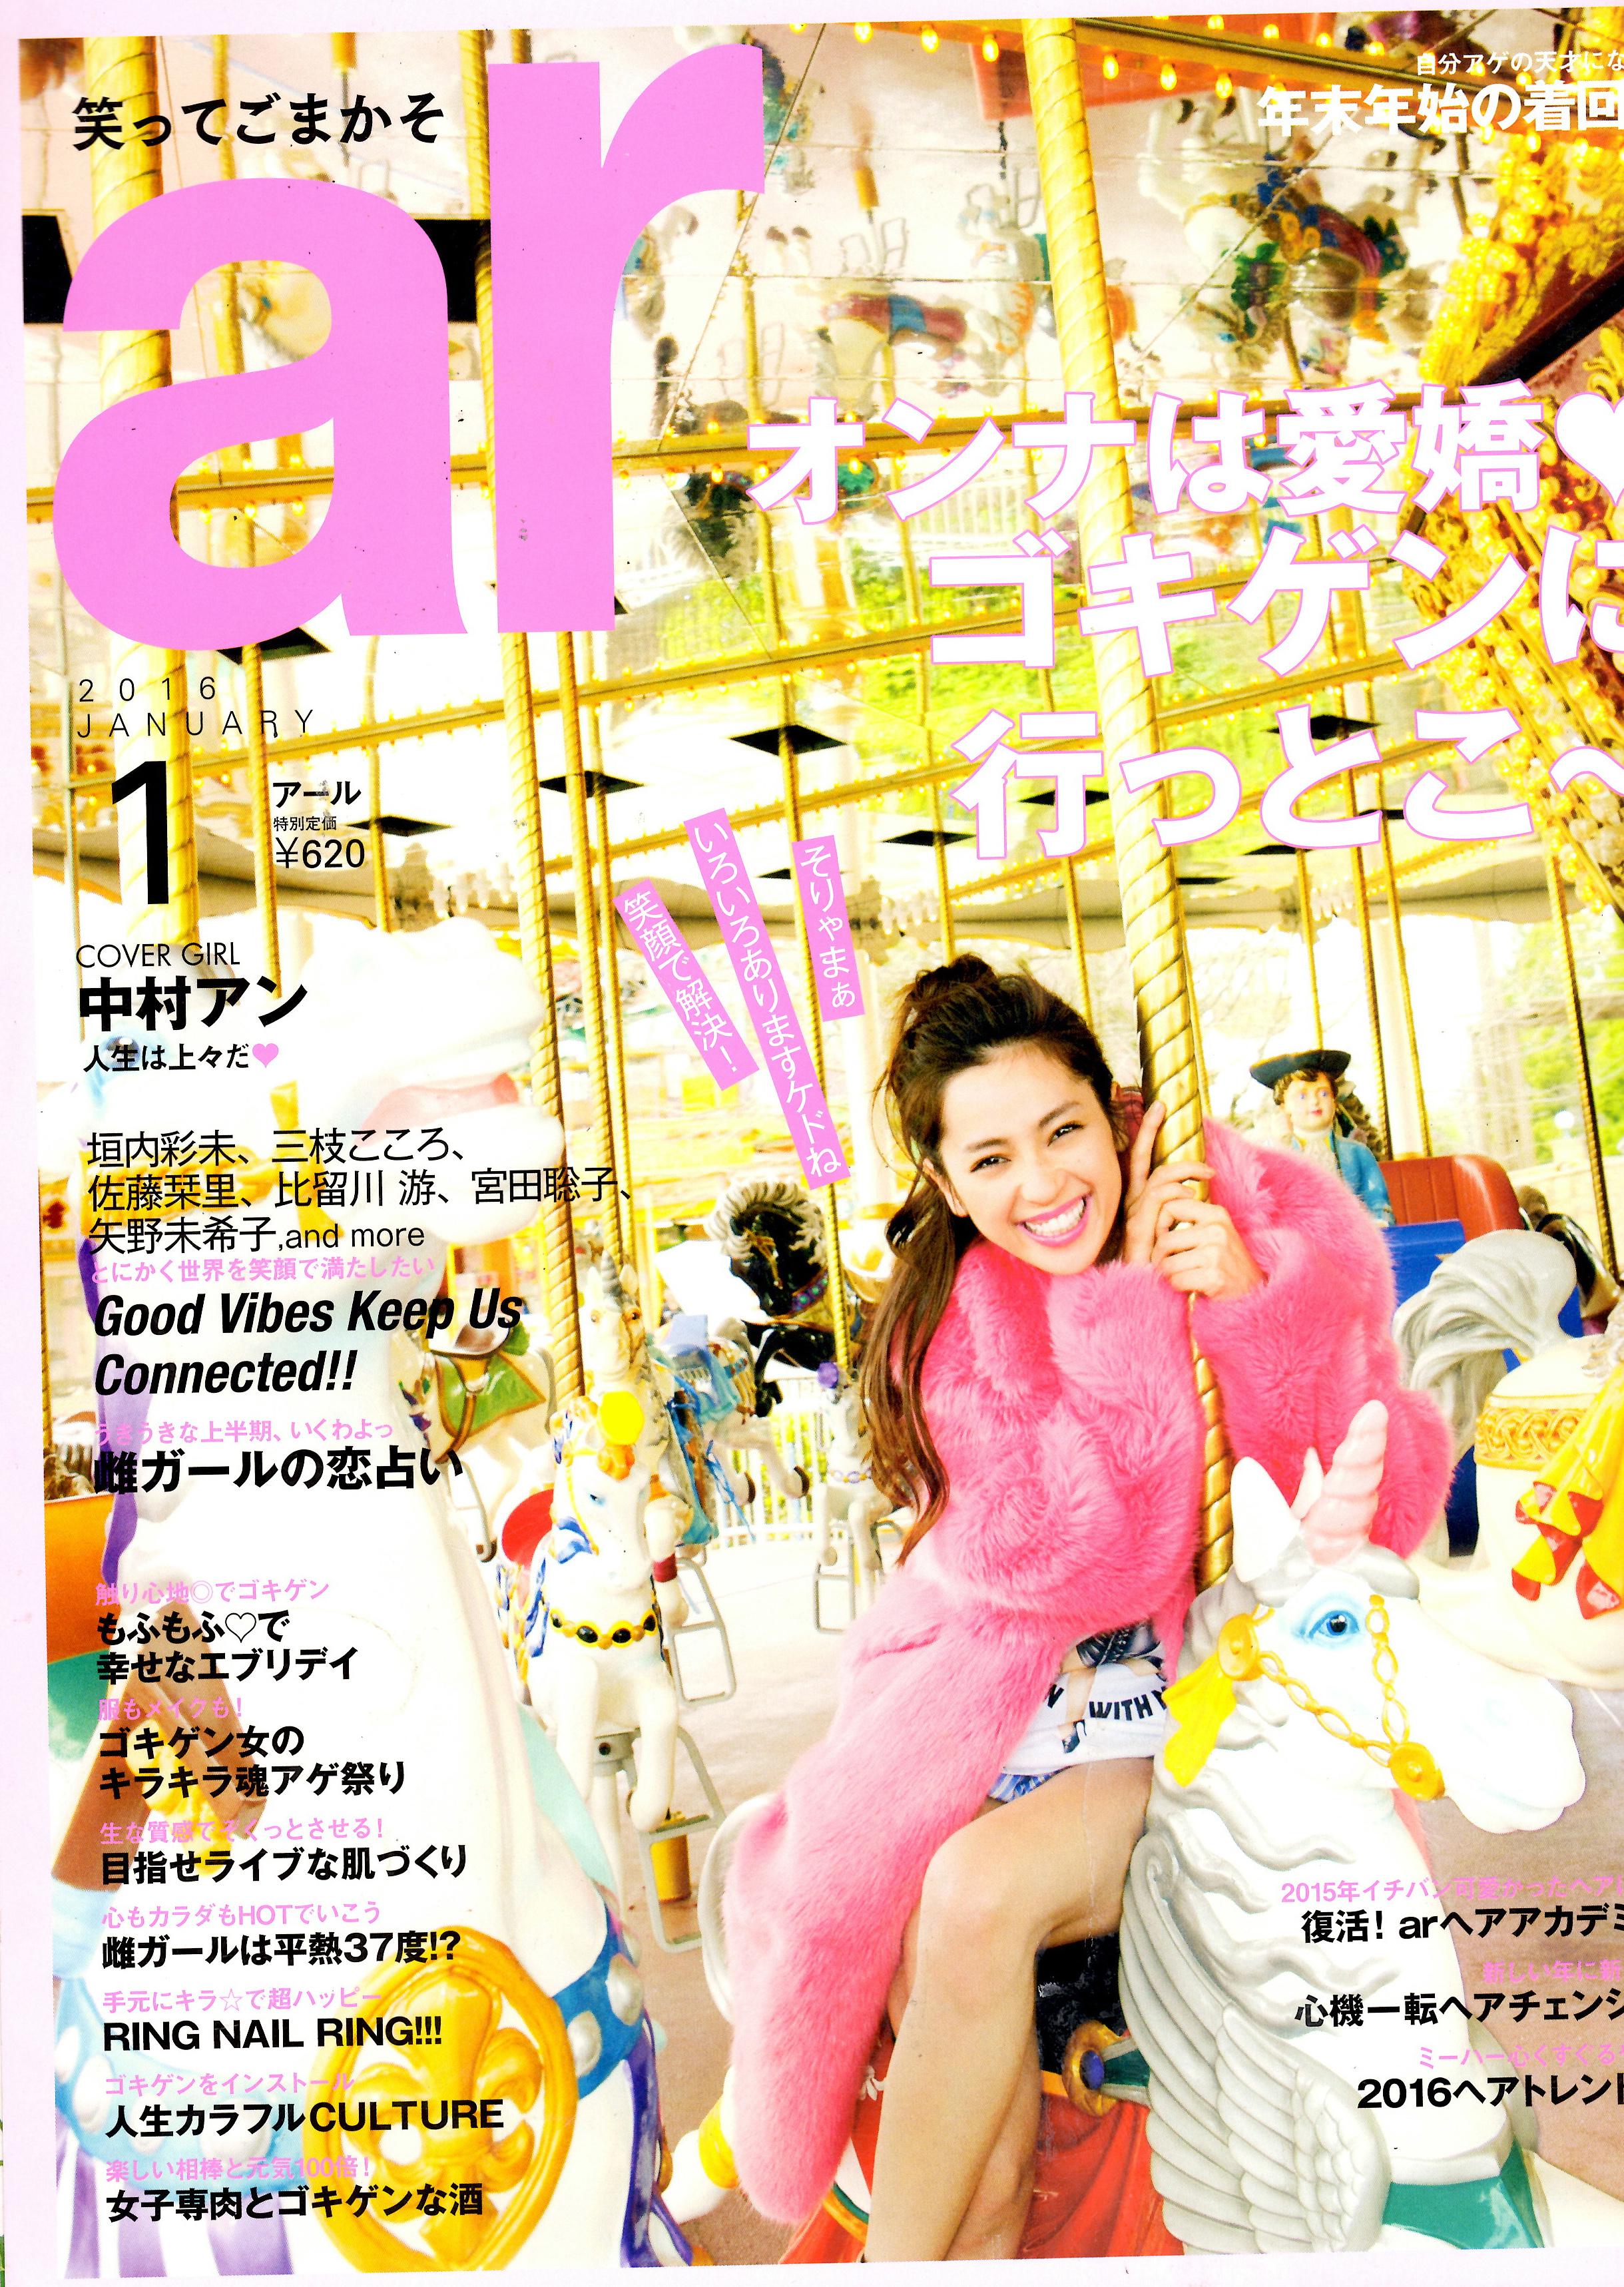 ar2016.1 に本庄店 飯田 琴美のスタイルが掲載されました